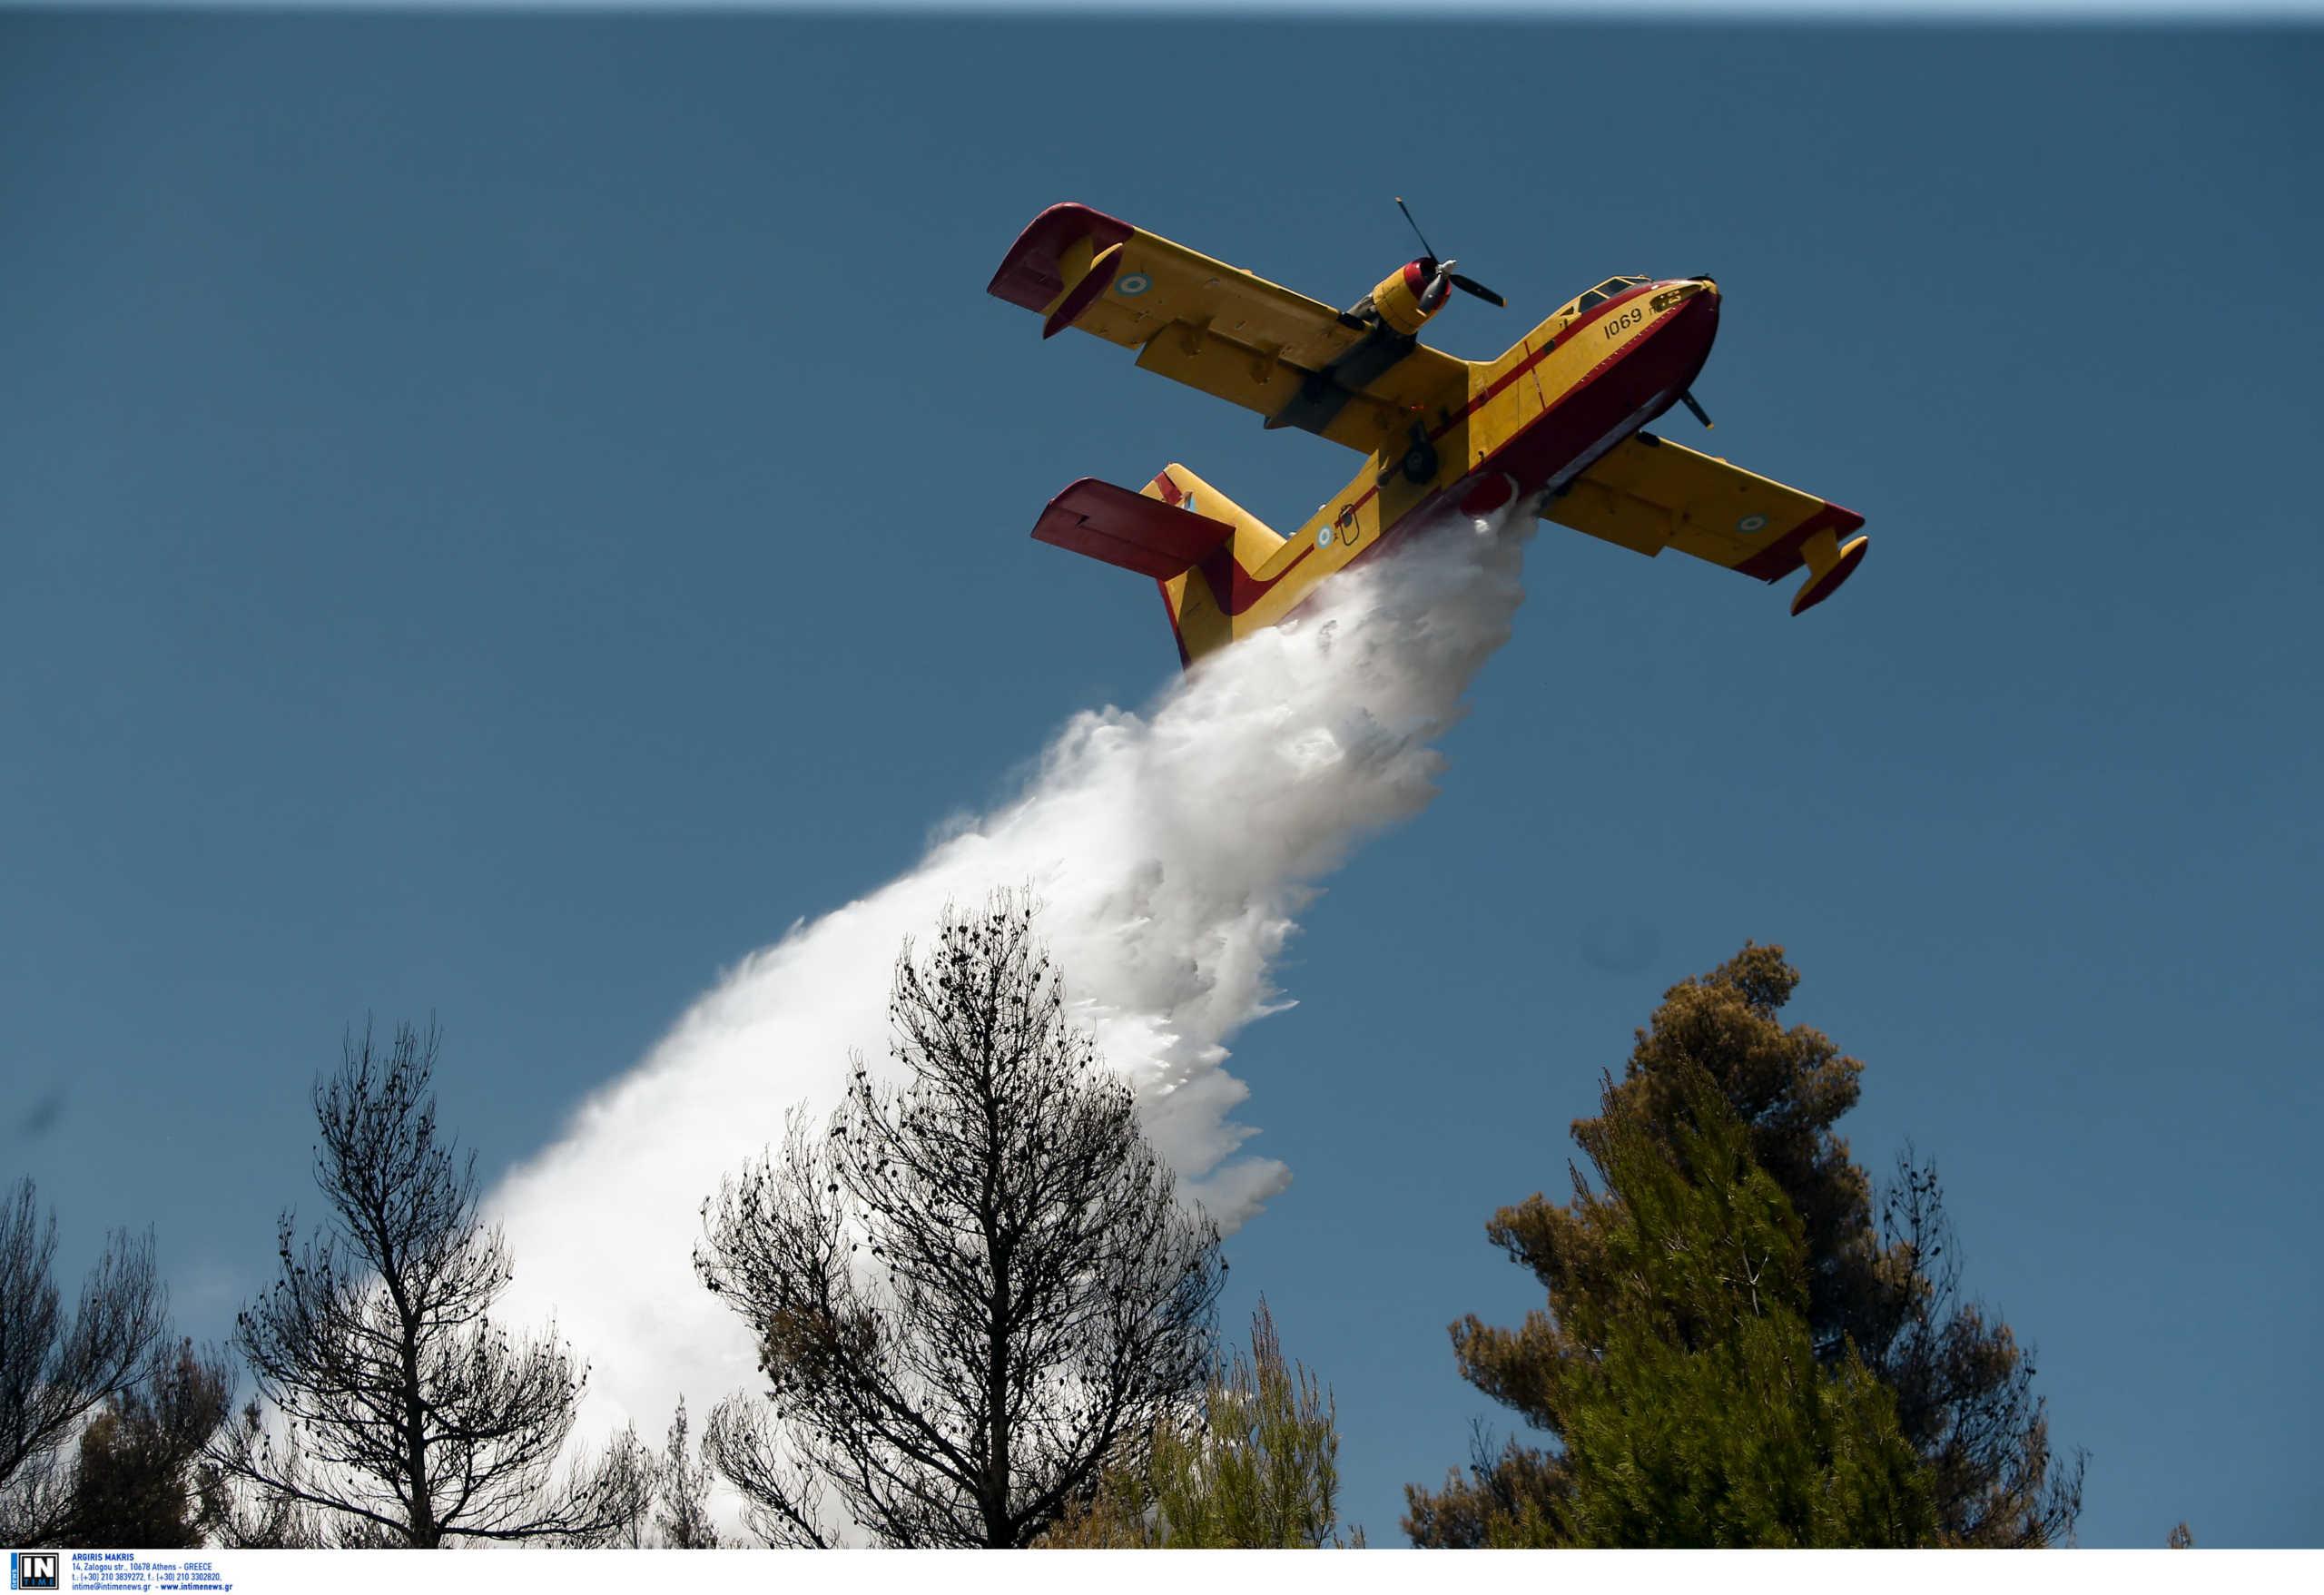 Καλάβρυτα: Σε εξέλιξη φωτιά στο Καστέλι! Μάχη με το χρόνο δίνουν οι πυροσβέστες